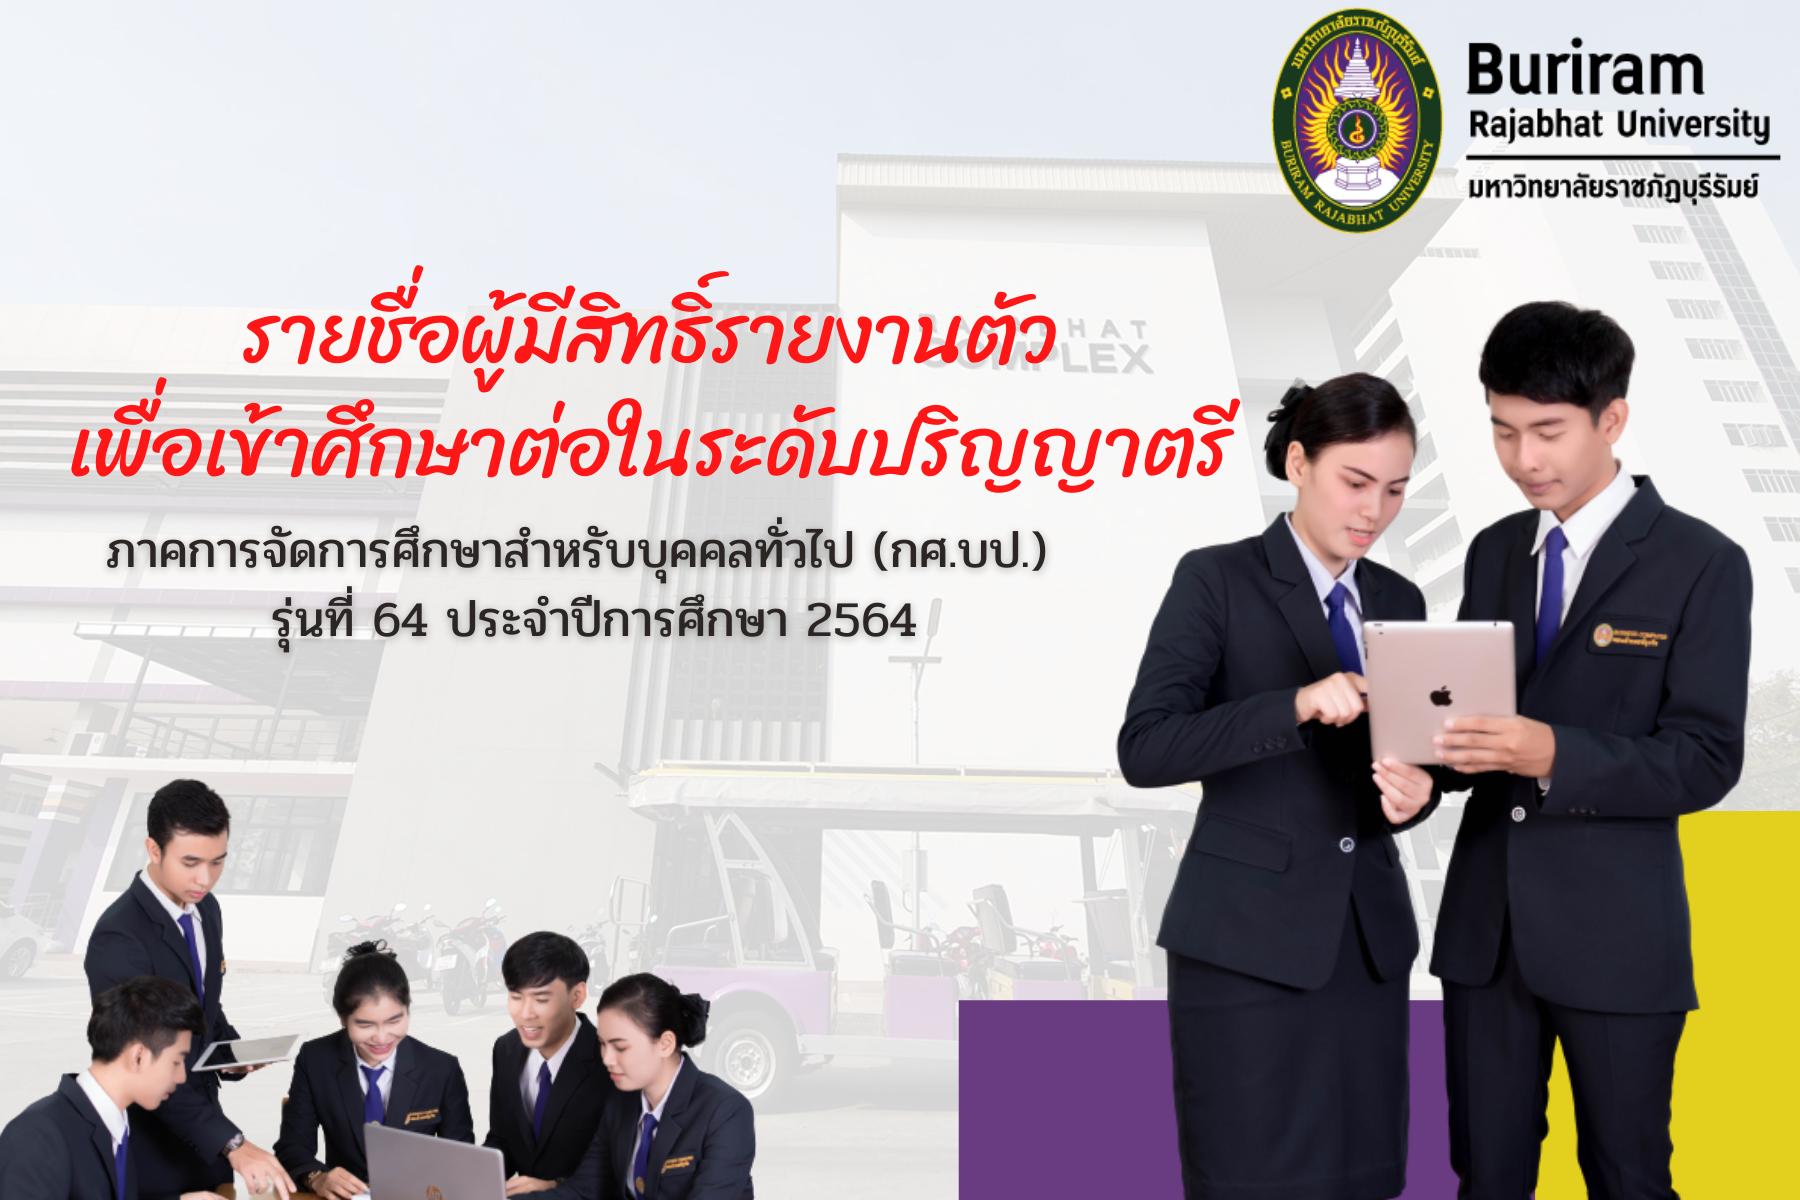 รายชื่อผู้มีสิทธิ์รายงานตัว เพื่อเข้าศึกษาต่อในระดับปริญญาตรี กศ.บป